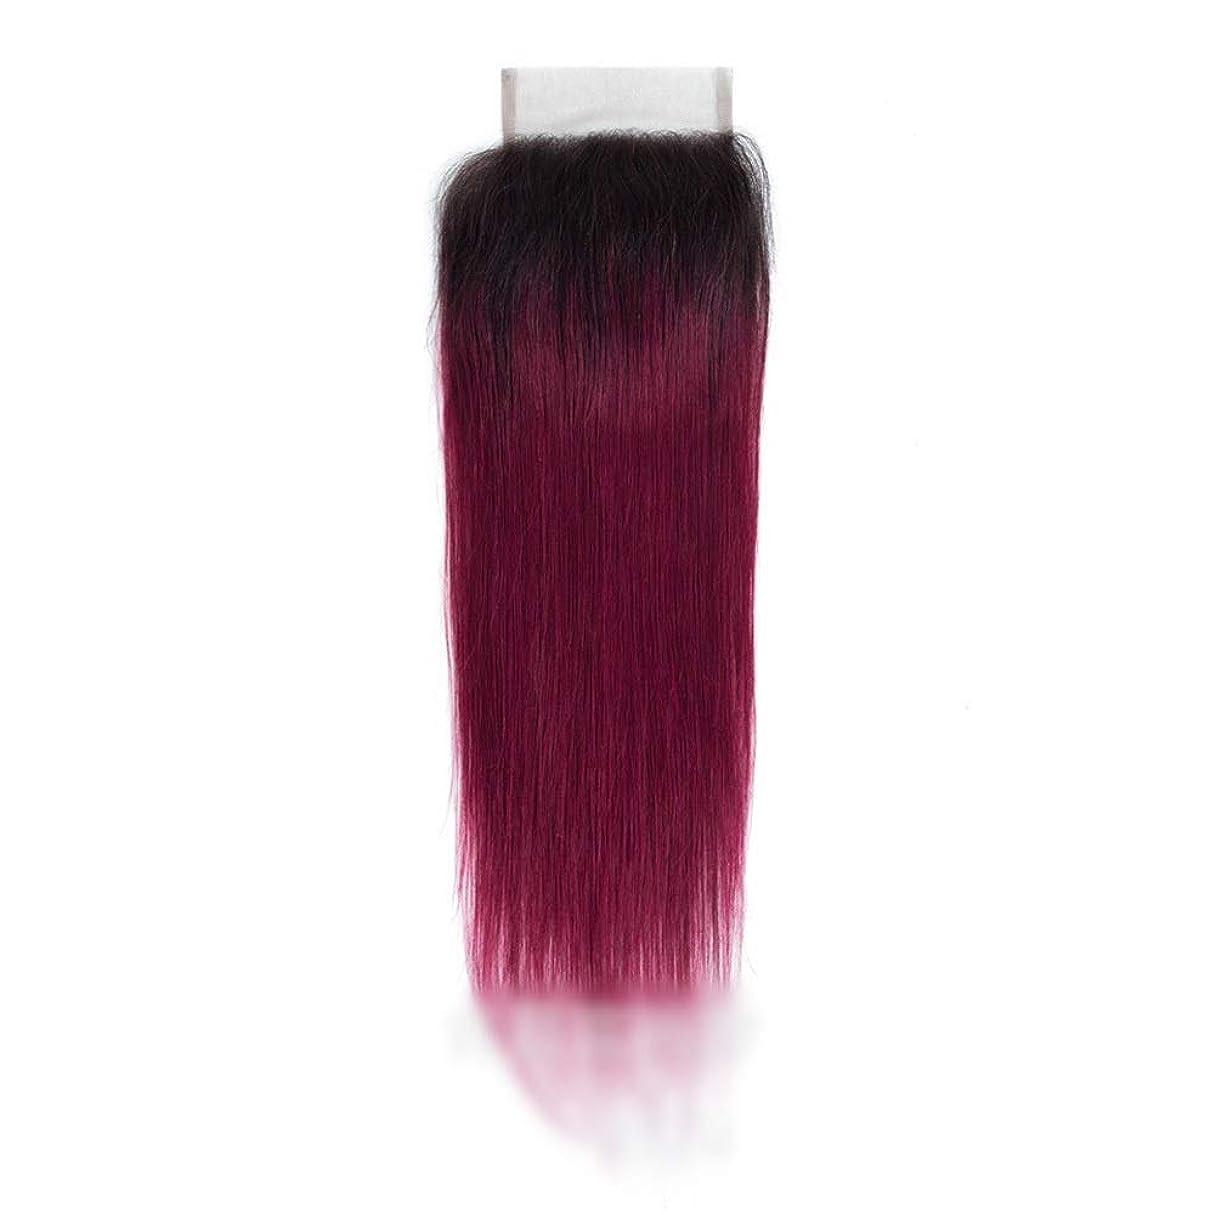 ファセット百年独占Vergeania レースの閉鎖とストレートオンブルバージンヘア、人間の髪の毛1B /バグ2トーン、オンブルヘアエクステンション織り横糸ロングストレートヘア (Color : ワインレッド, サイズ : 14 inch)